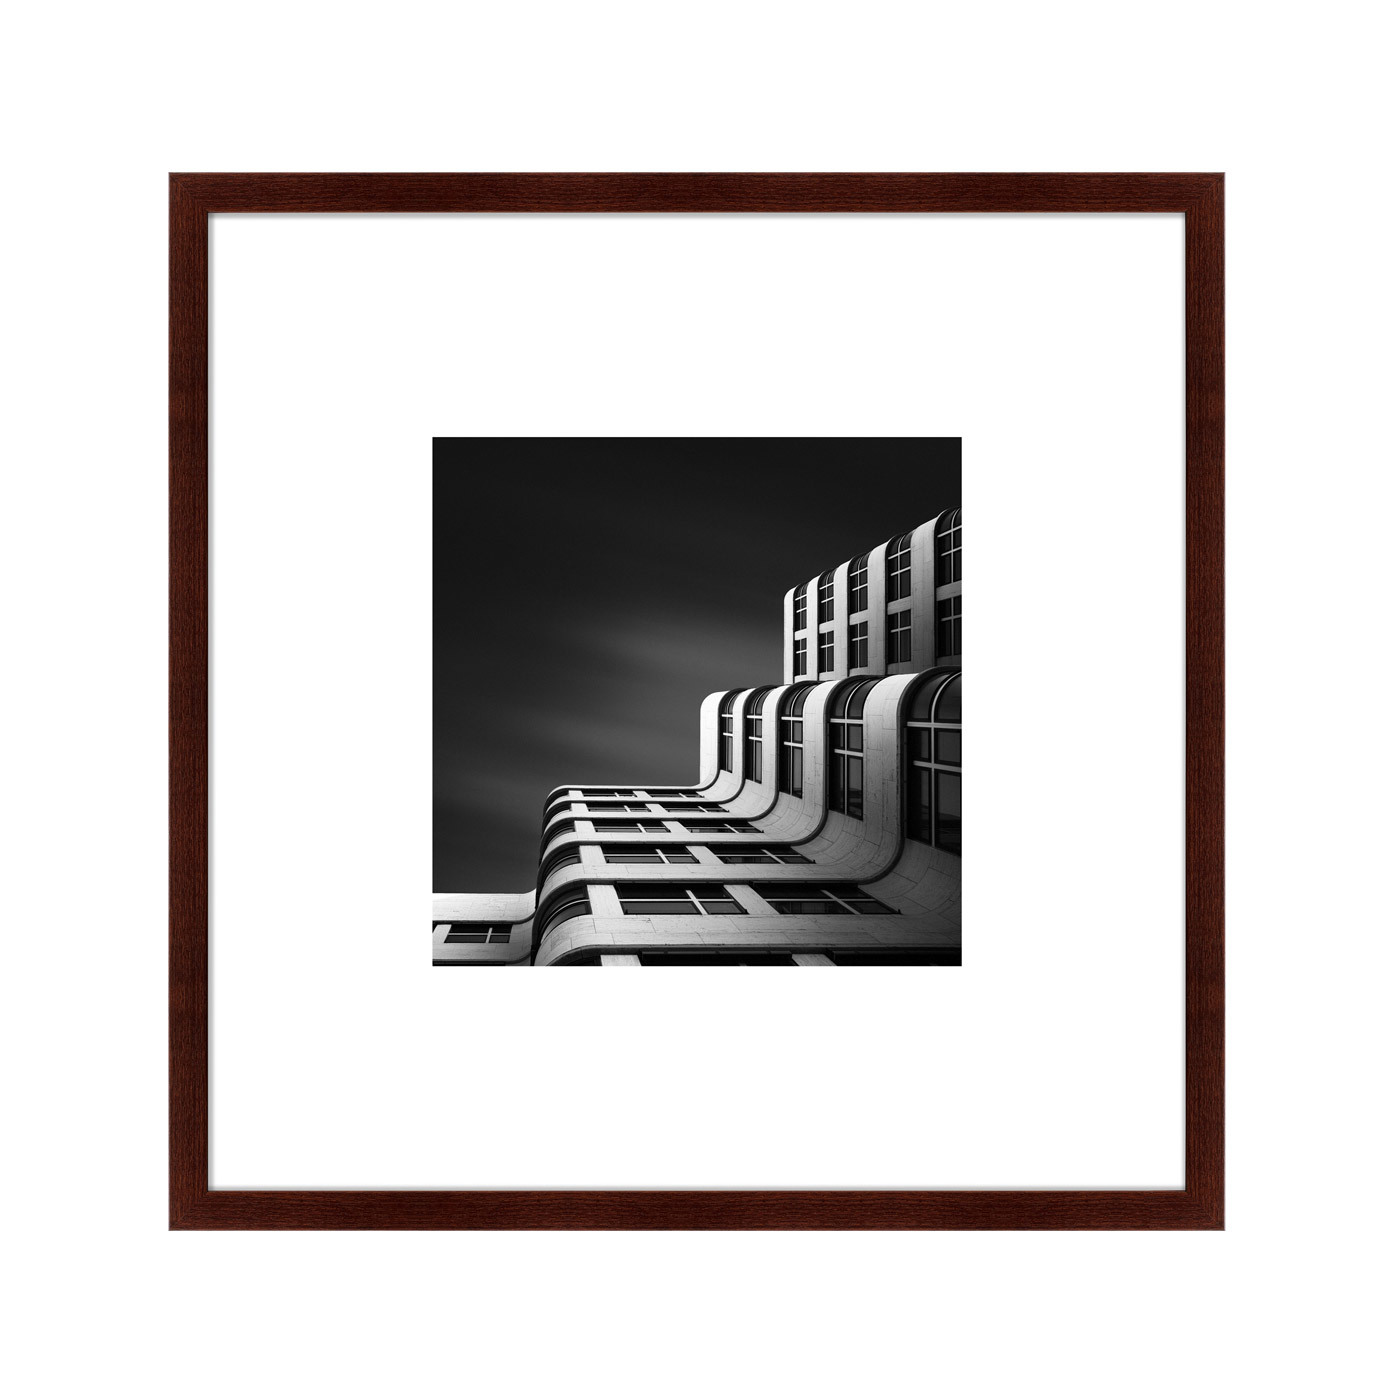 {} Картины в Квартиру Картина Гибкость Форм (79х79 см) картины в квартиру картина бульдоги в шотландской клетке 35х35 см